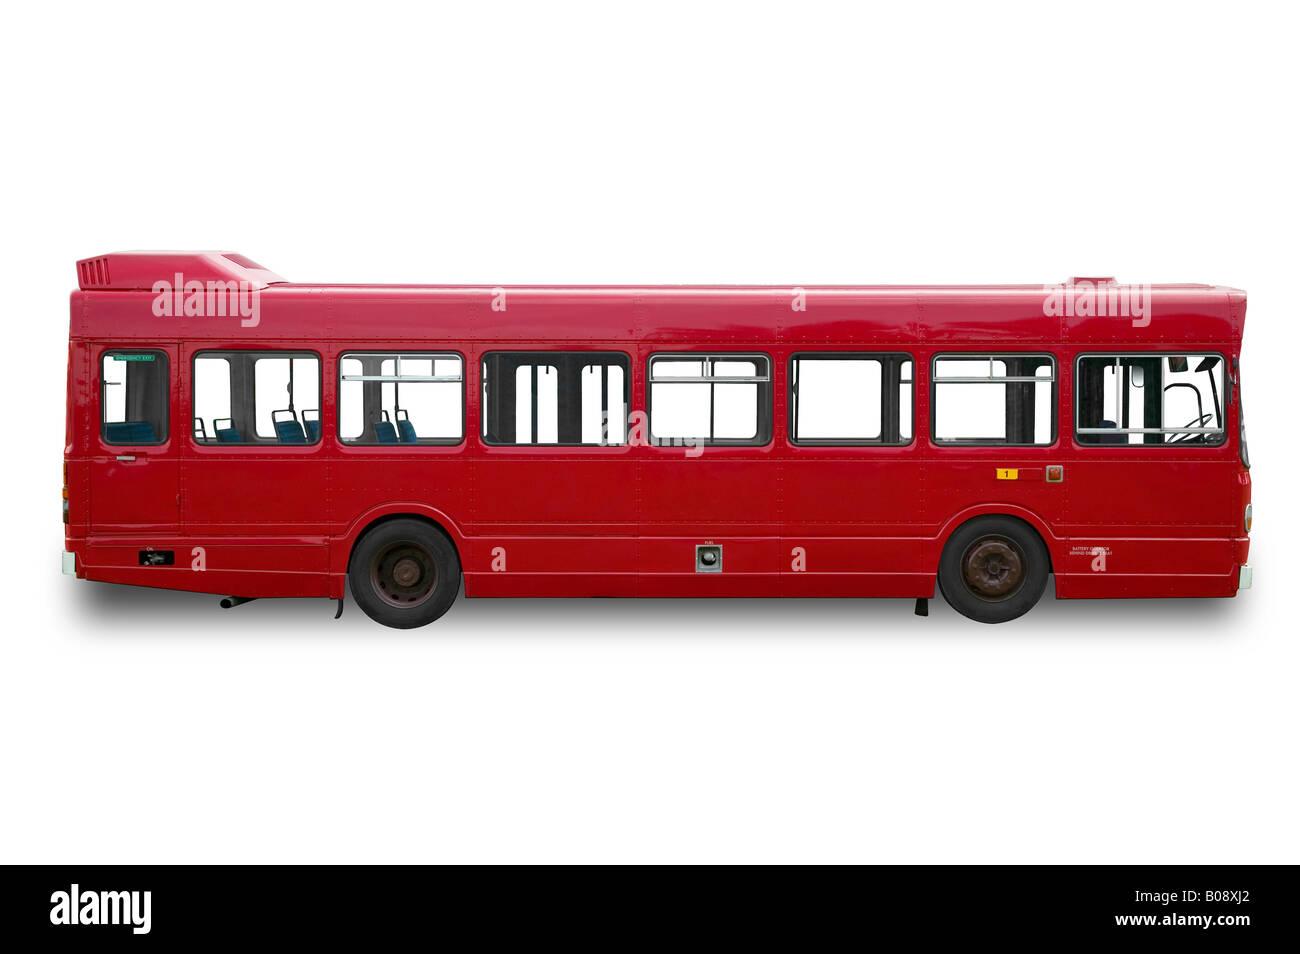 Una baraja roja autobuses aislado sobre un fondo blanco. Imagen De Stock